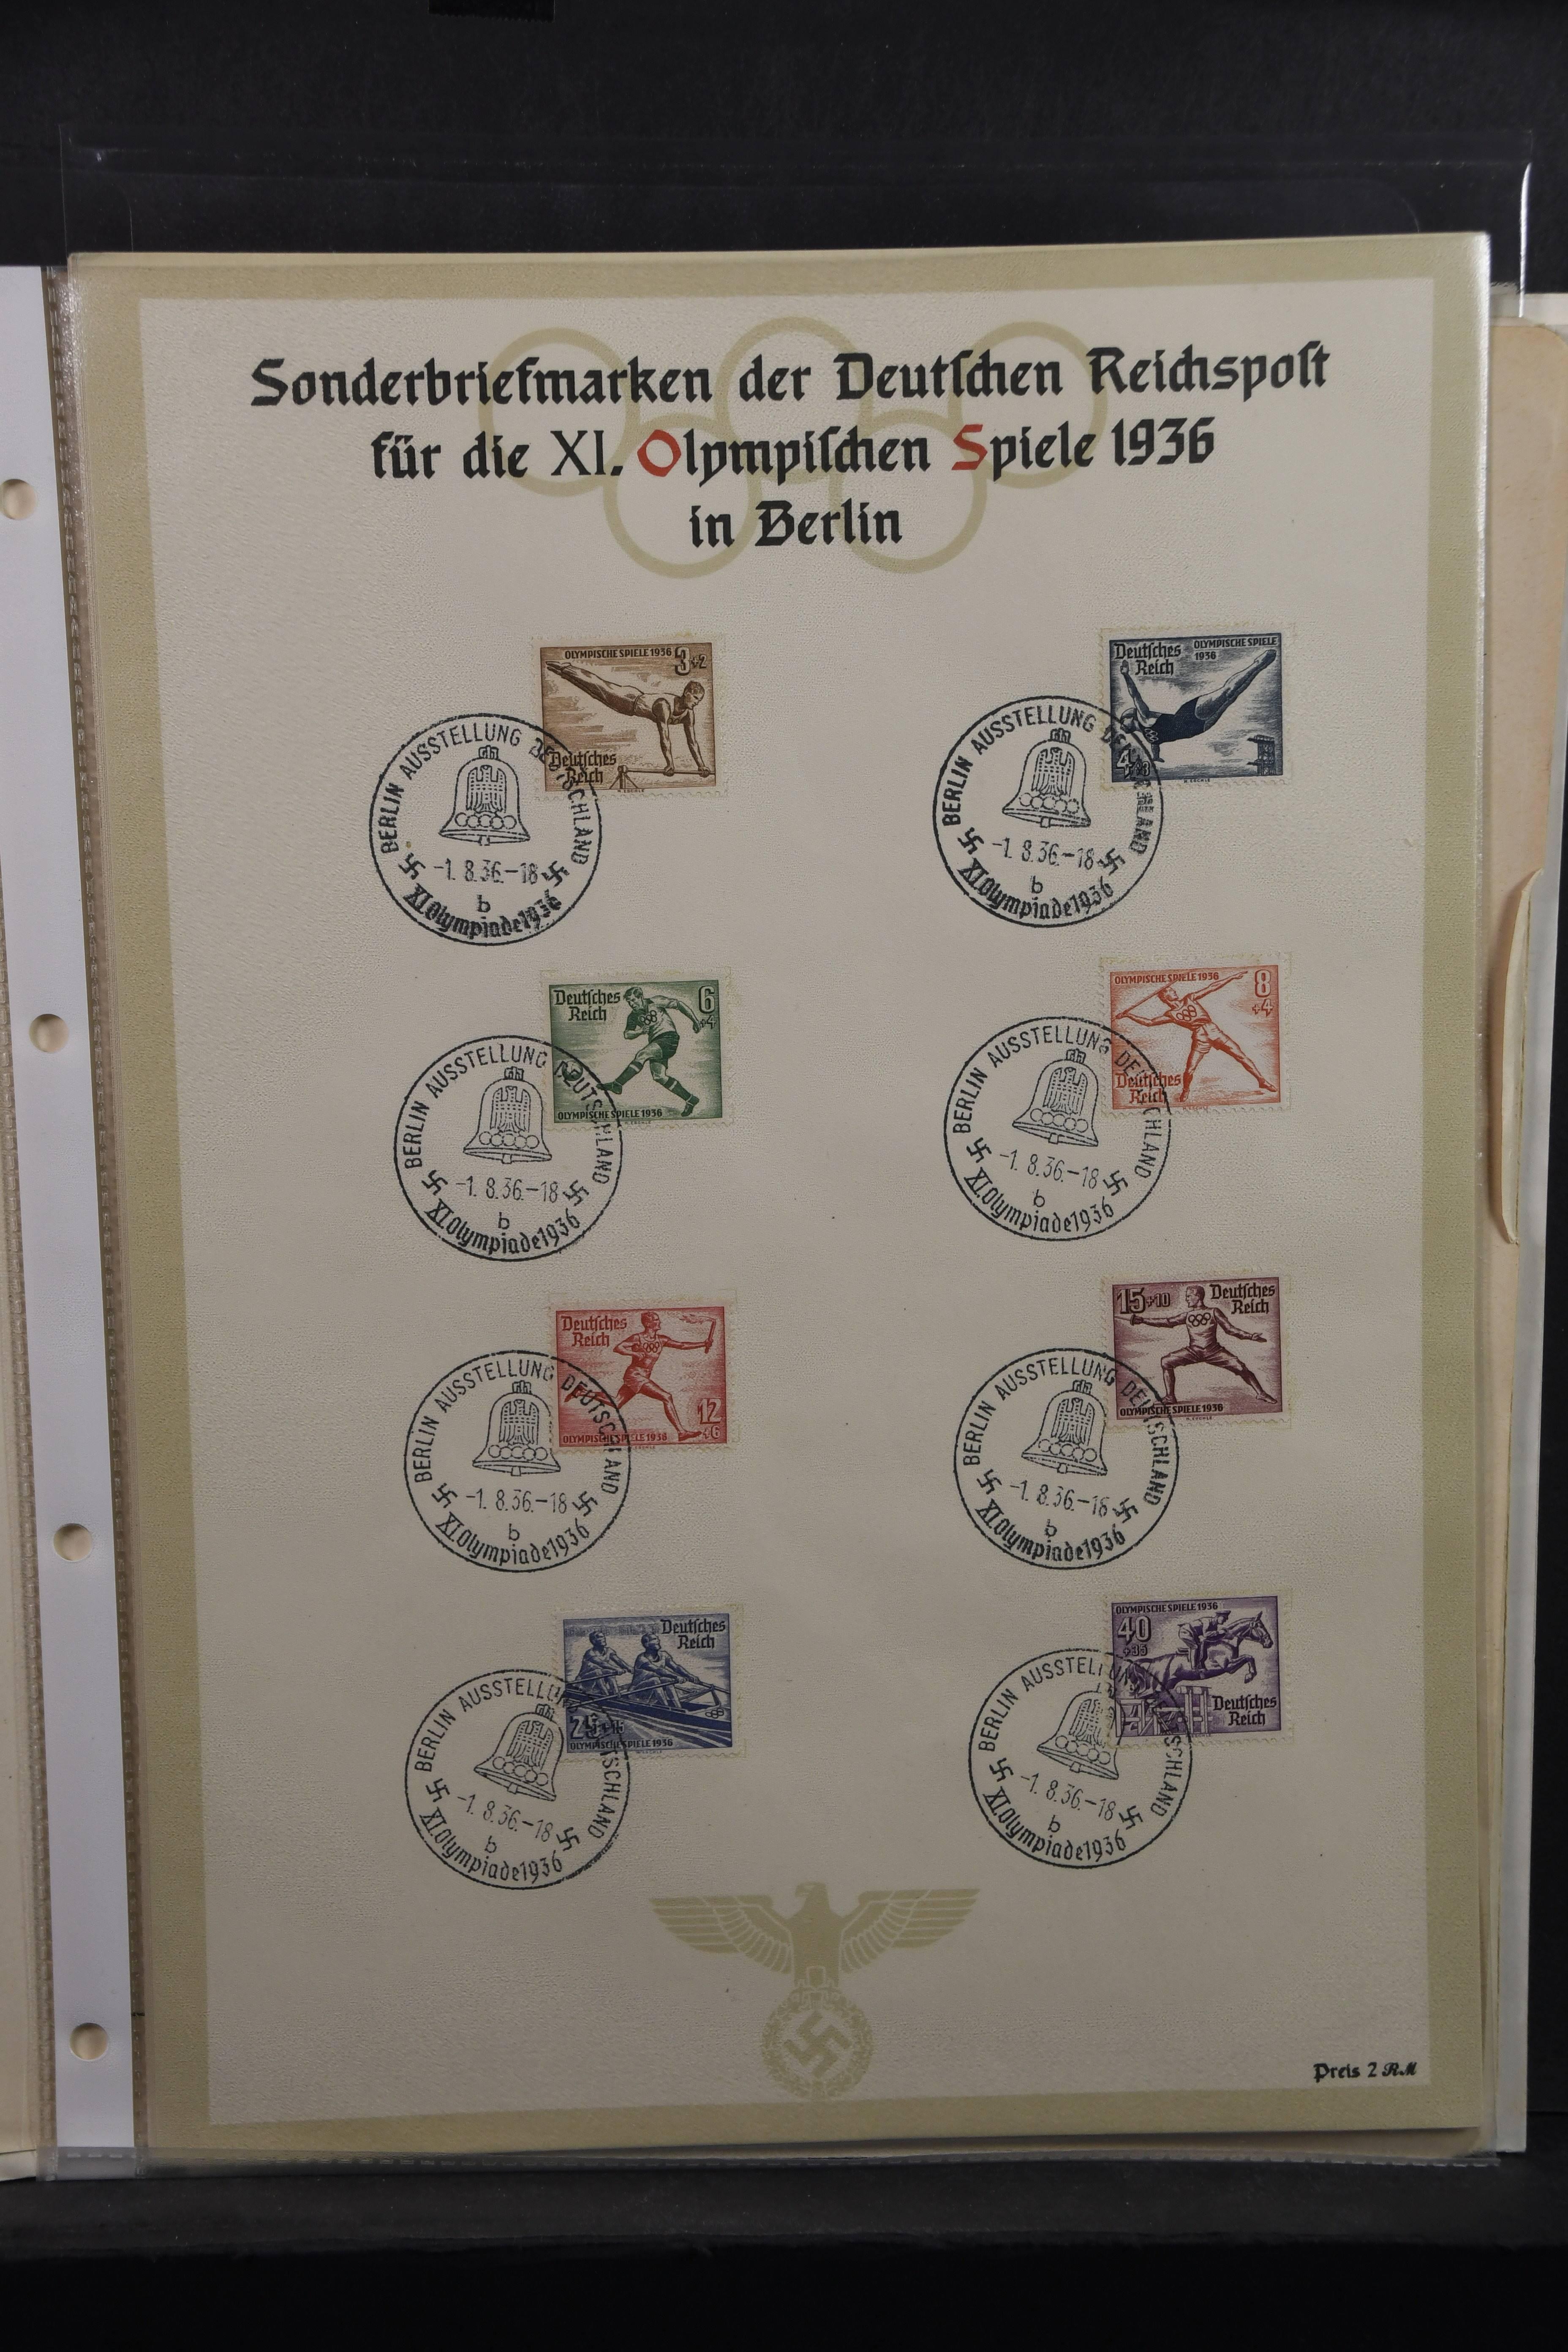 Lot 6070 - Nachlässe, Kartonabteilung S -  Auktionshaus Ulrich Felzmann GmbH & Co. KG Auction 170 International Autumn Auction 2020 Day 5